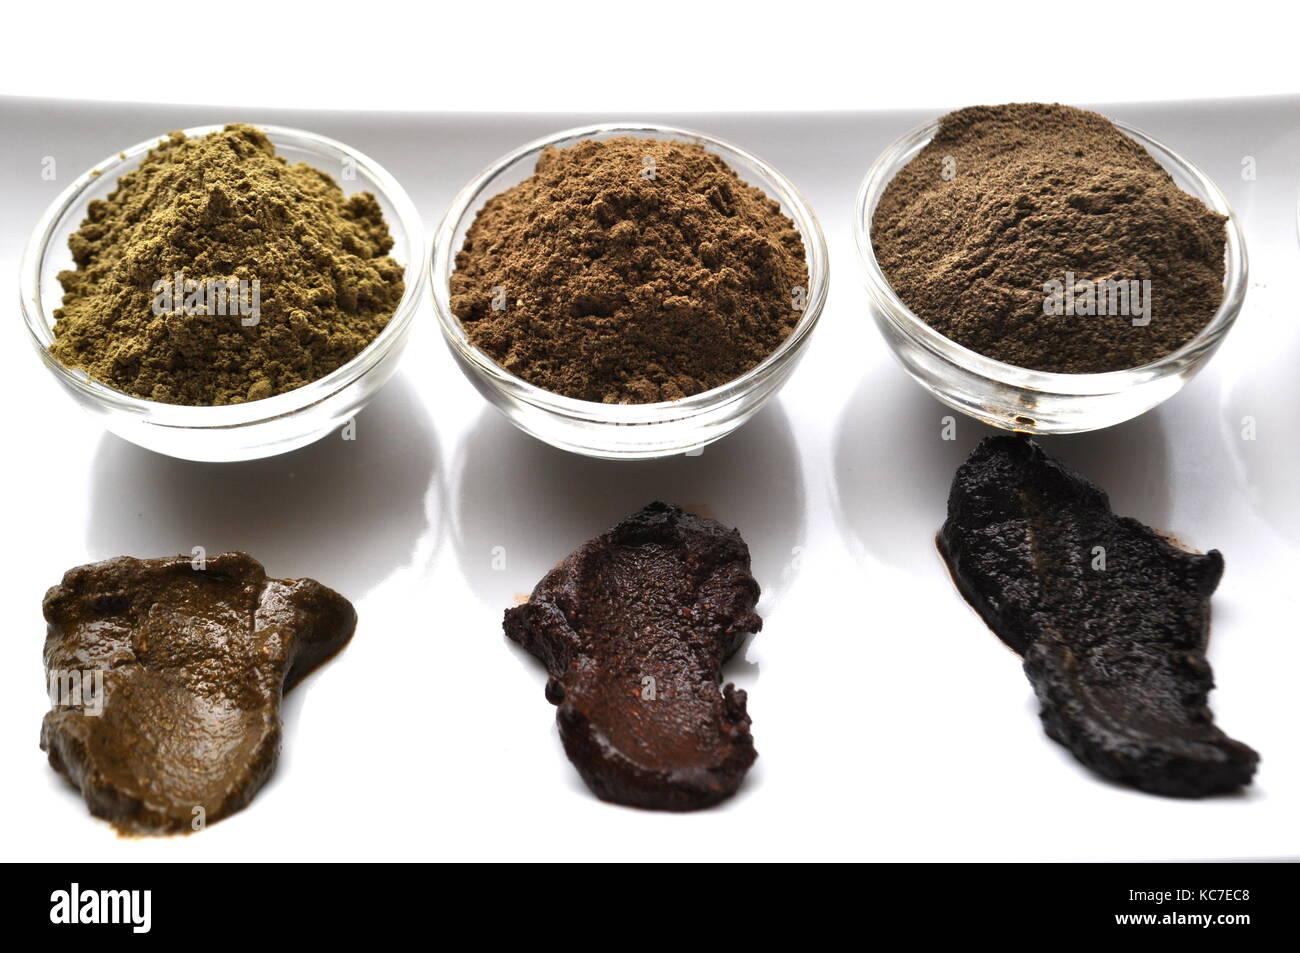 Henna Powder: A Close-up Of A Natural Henna Powder, A Natural, Plant